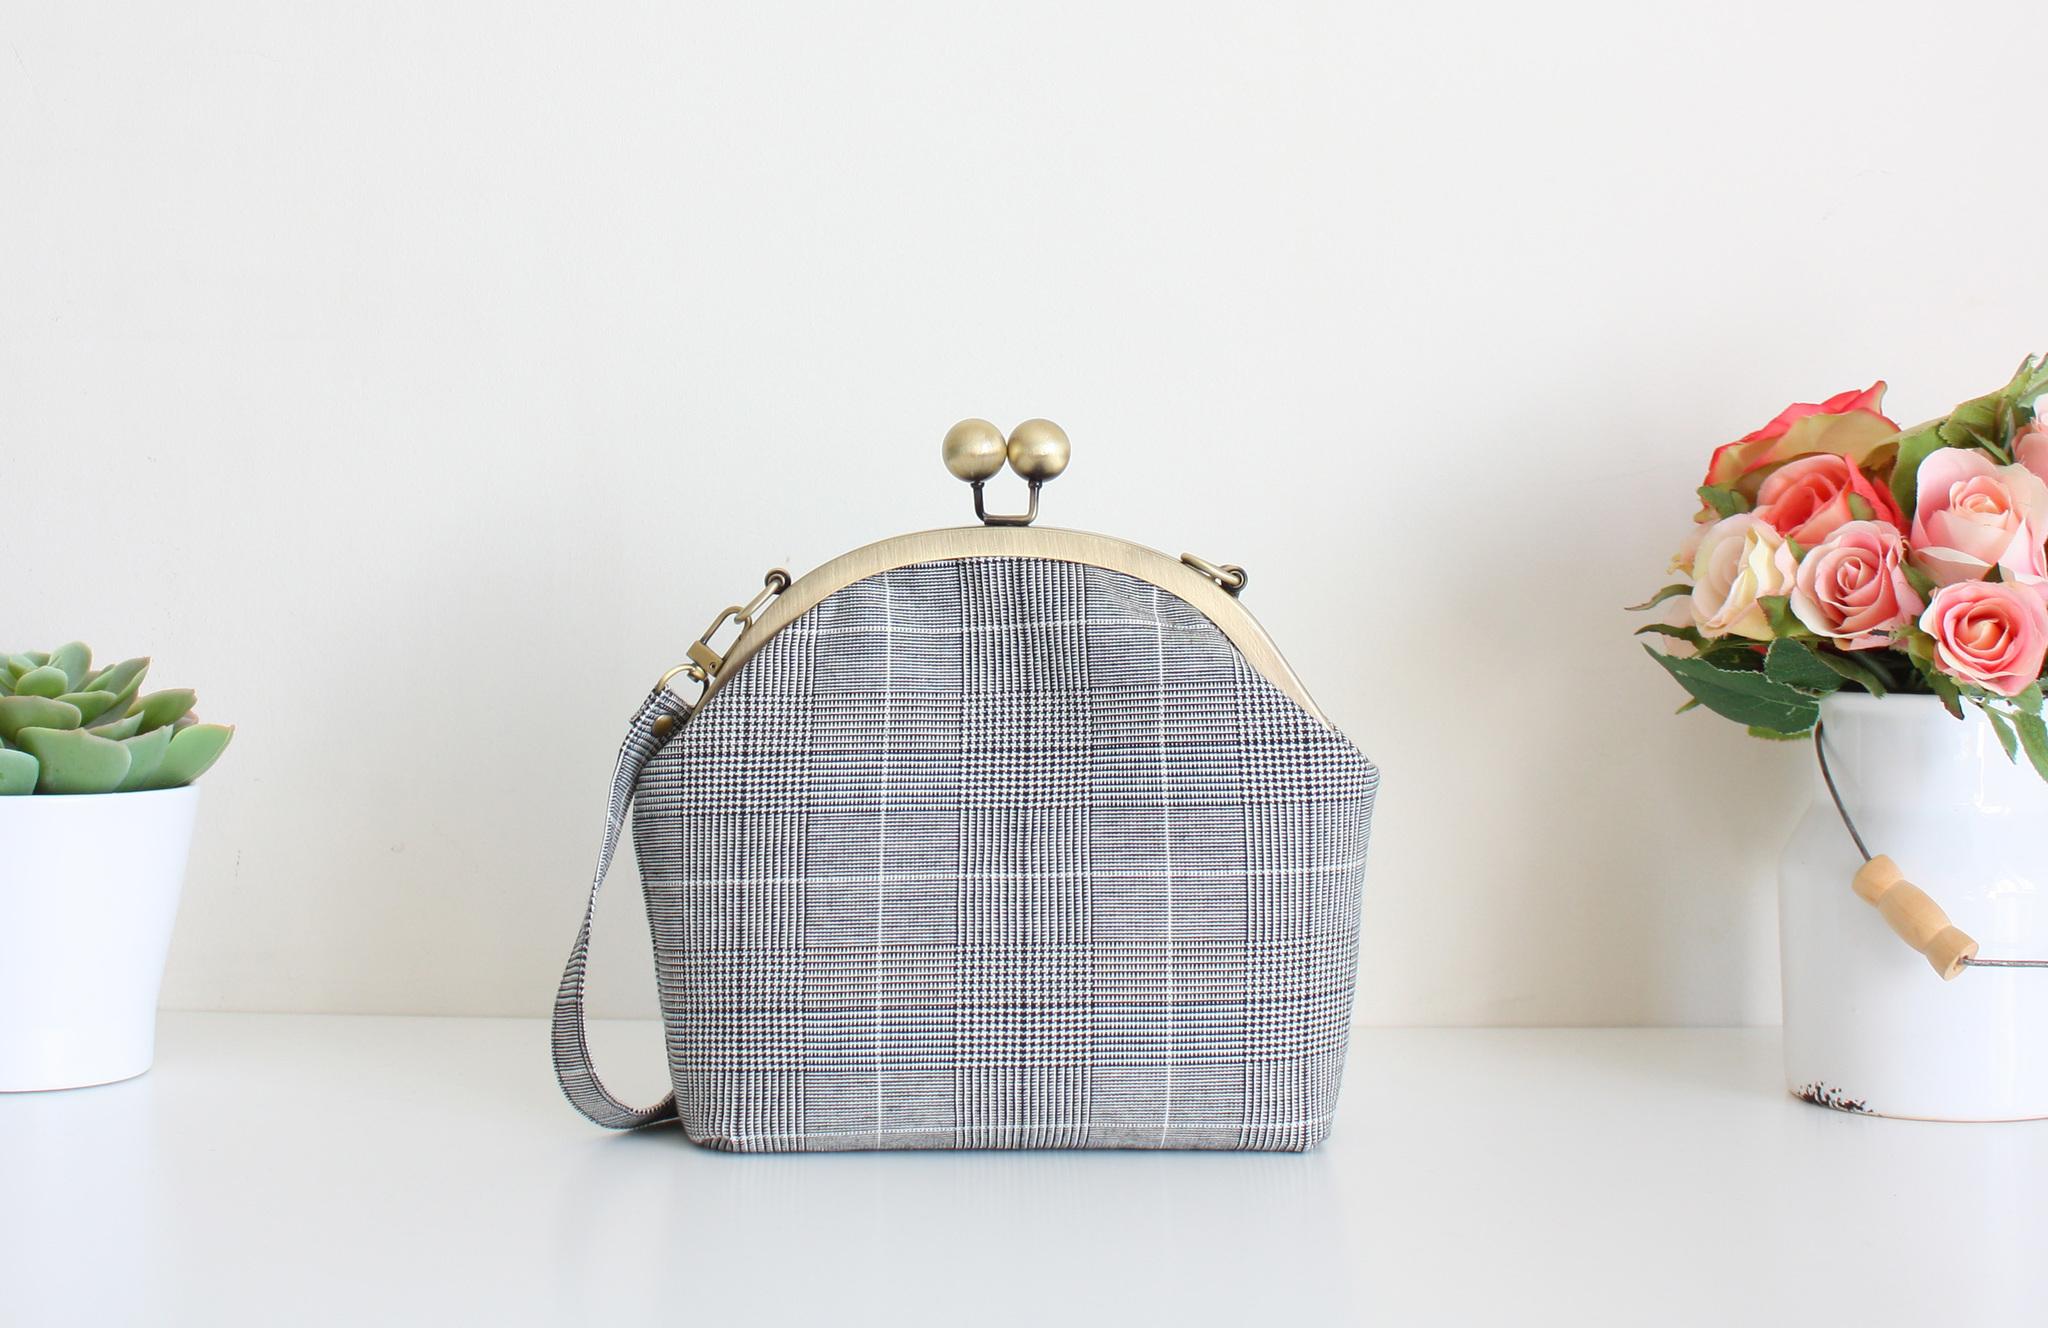 Шьем сумку с фермуаром на винтах 19,5 см